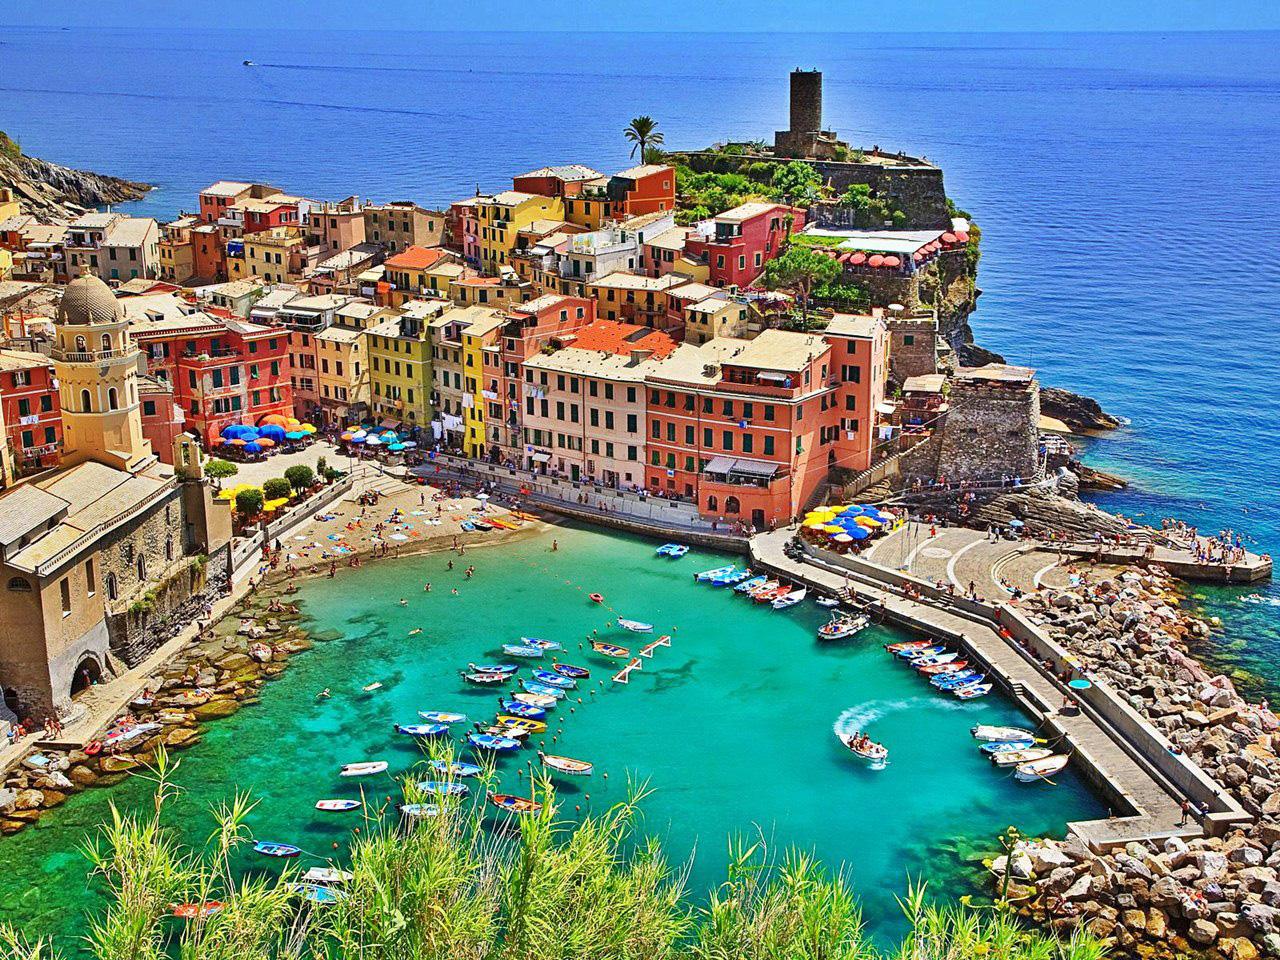 Vernazza Italy Beautiful Coastal Village